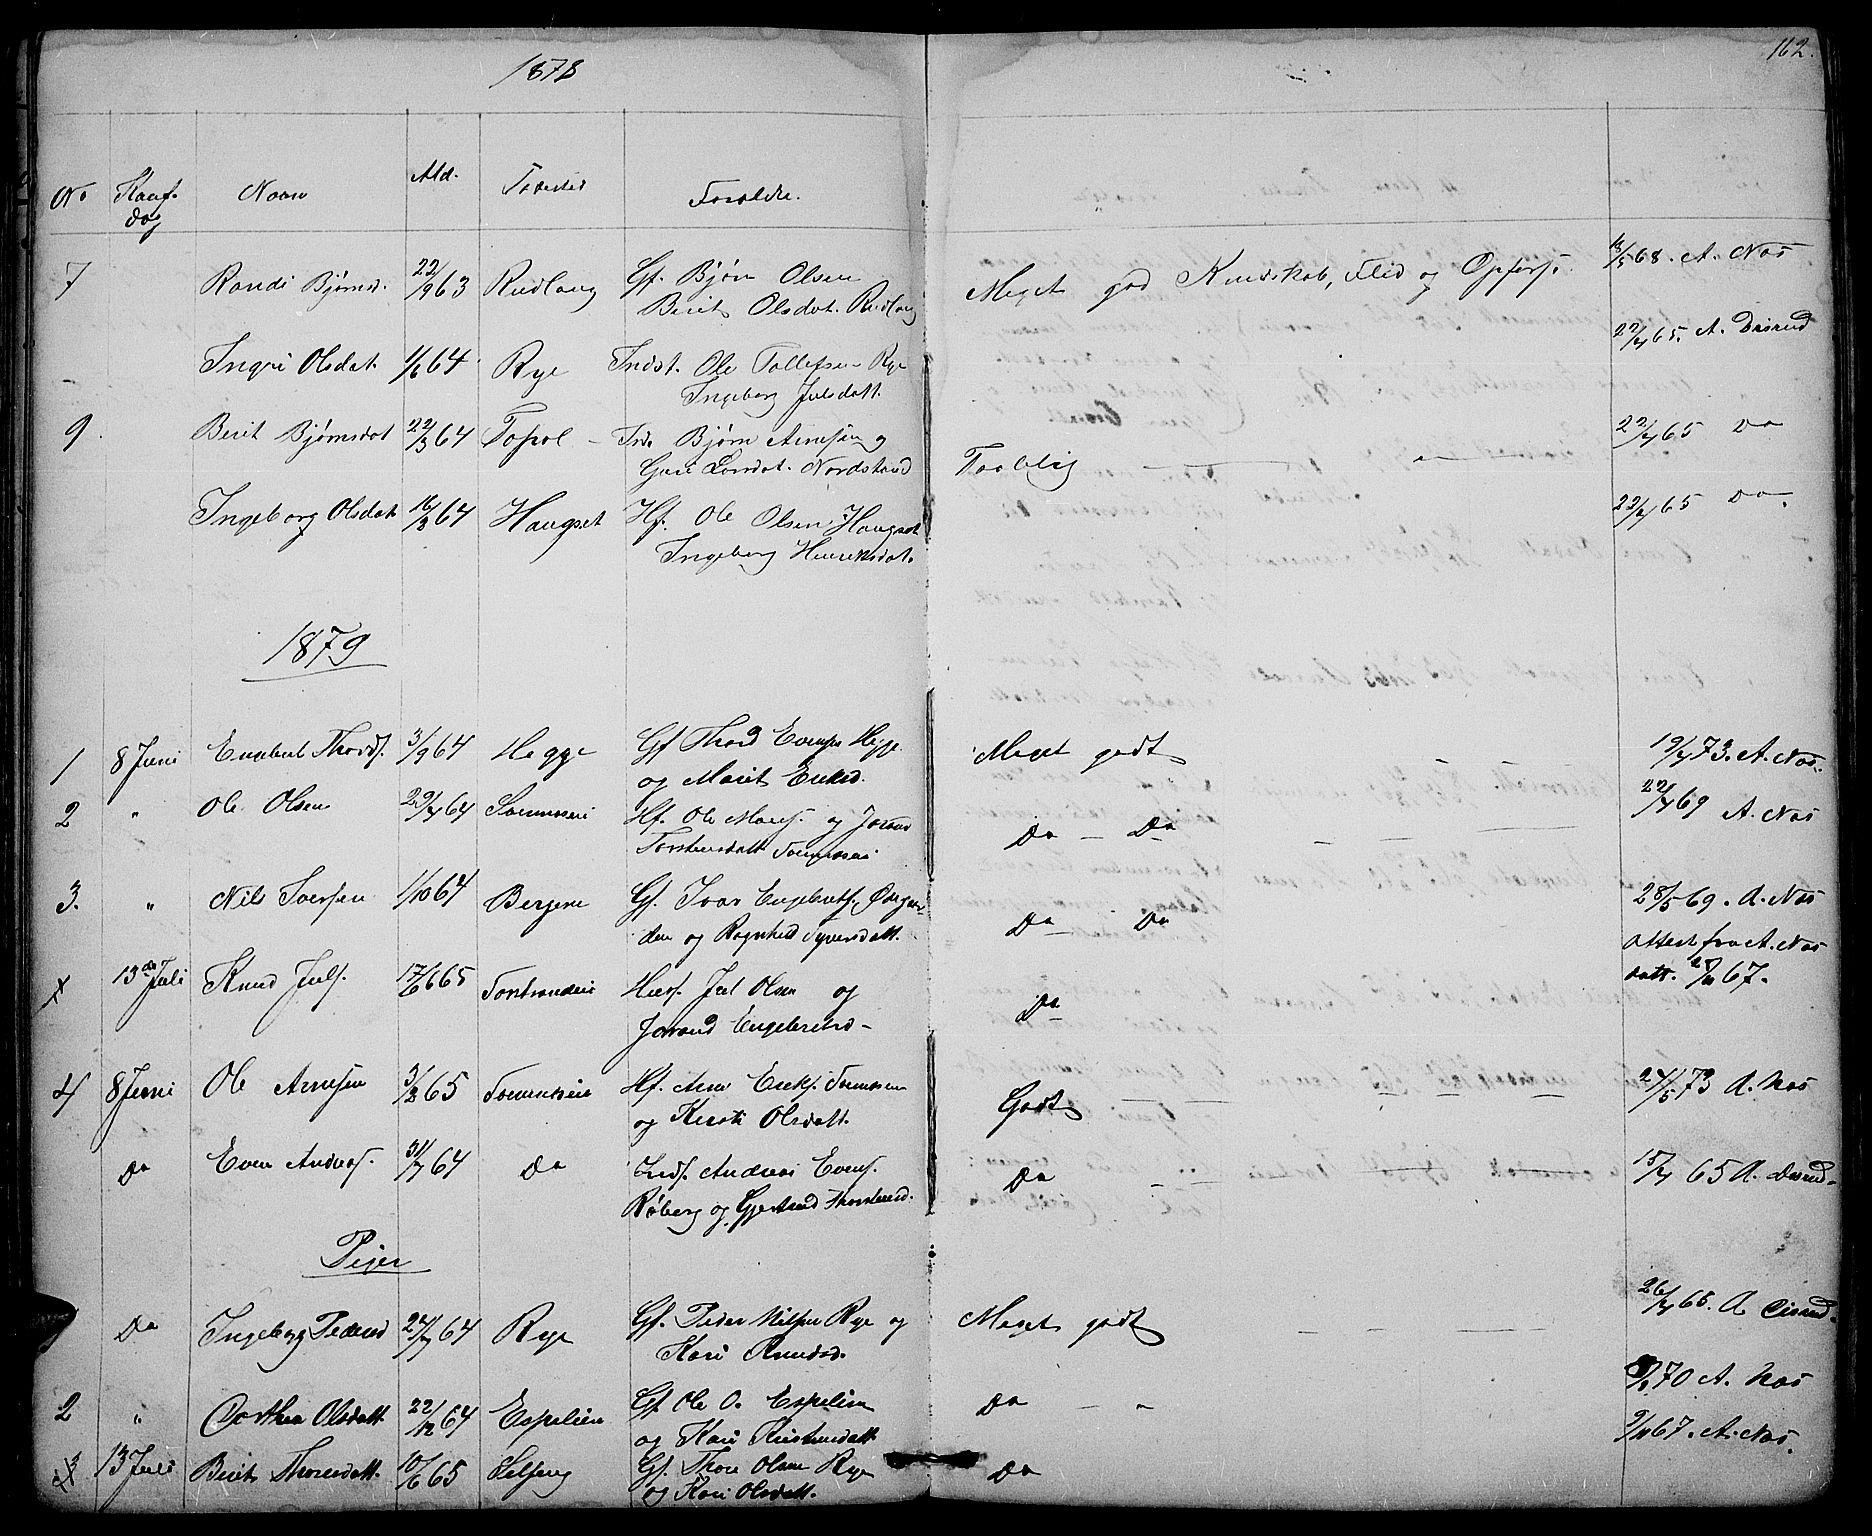 SAH, Nord-Aurdal prestekontor, Klokkerbok nr. 3, 1842-1882, s. 162